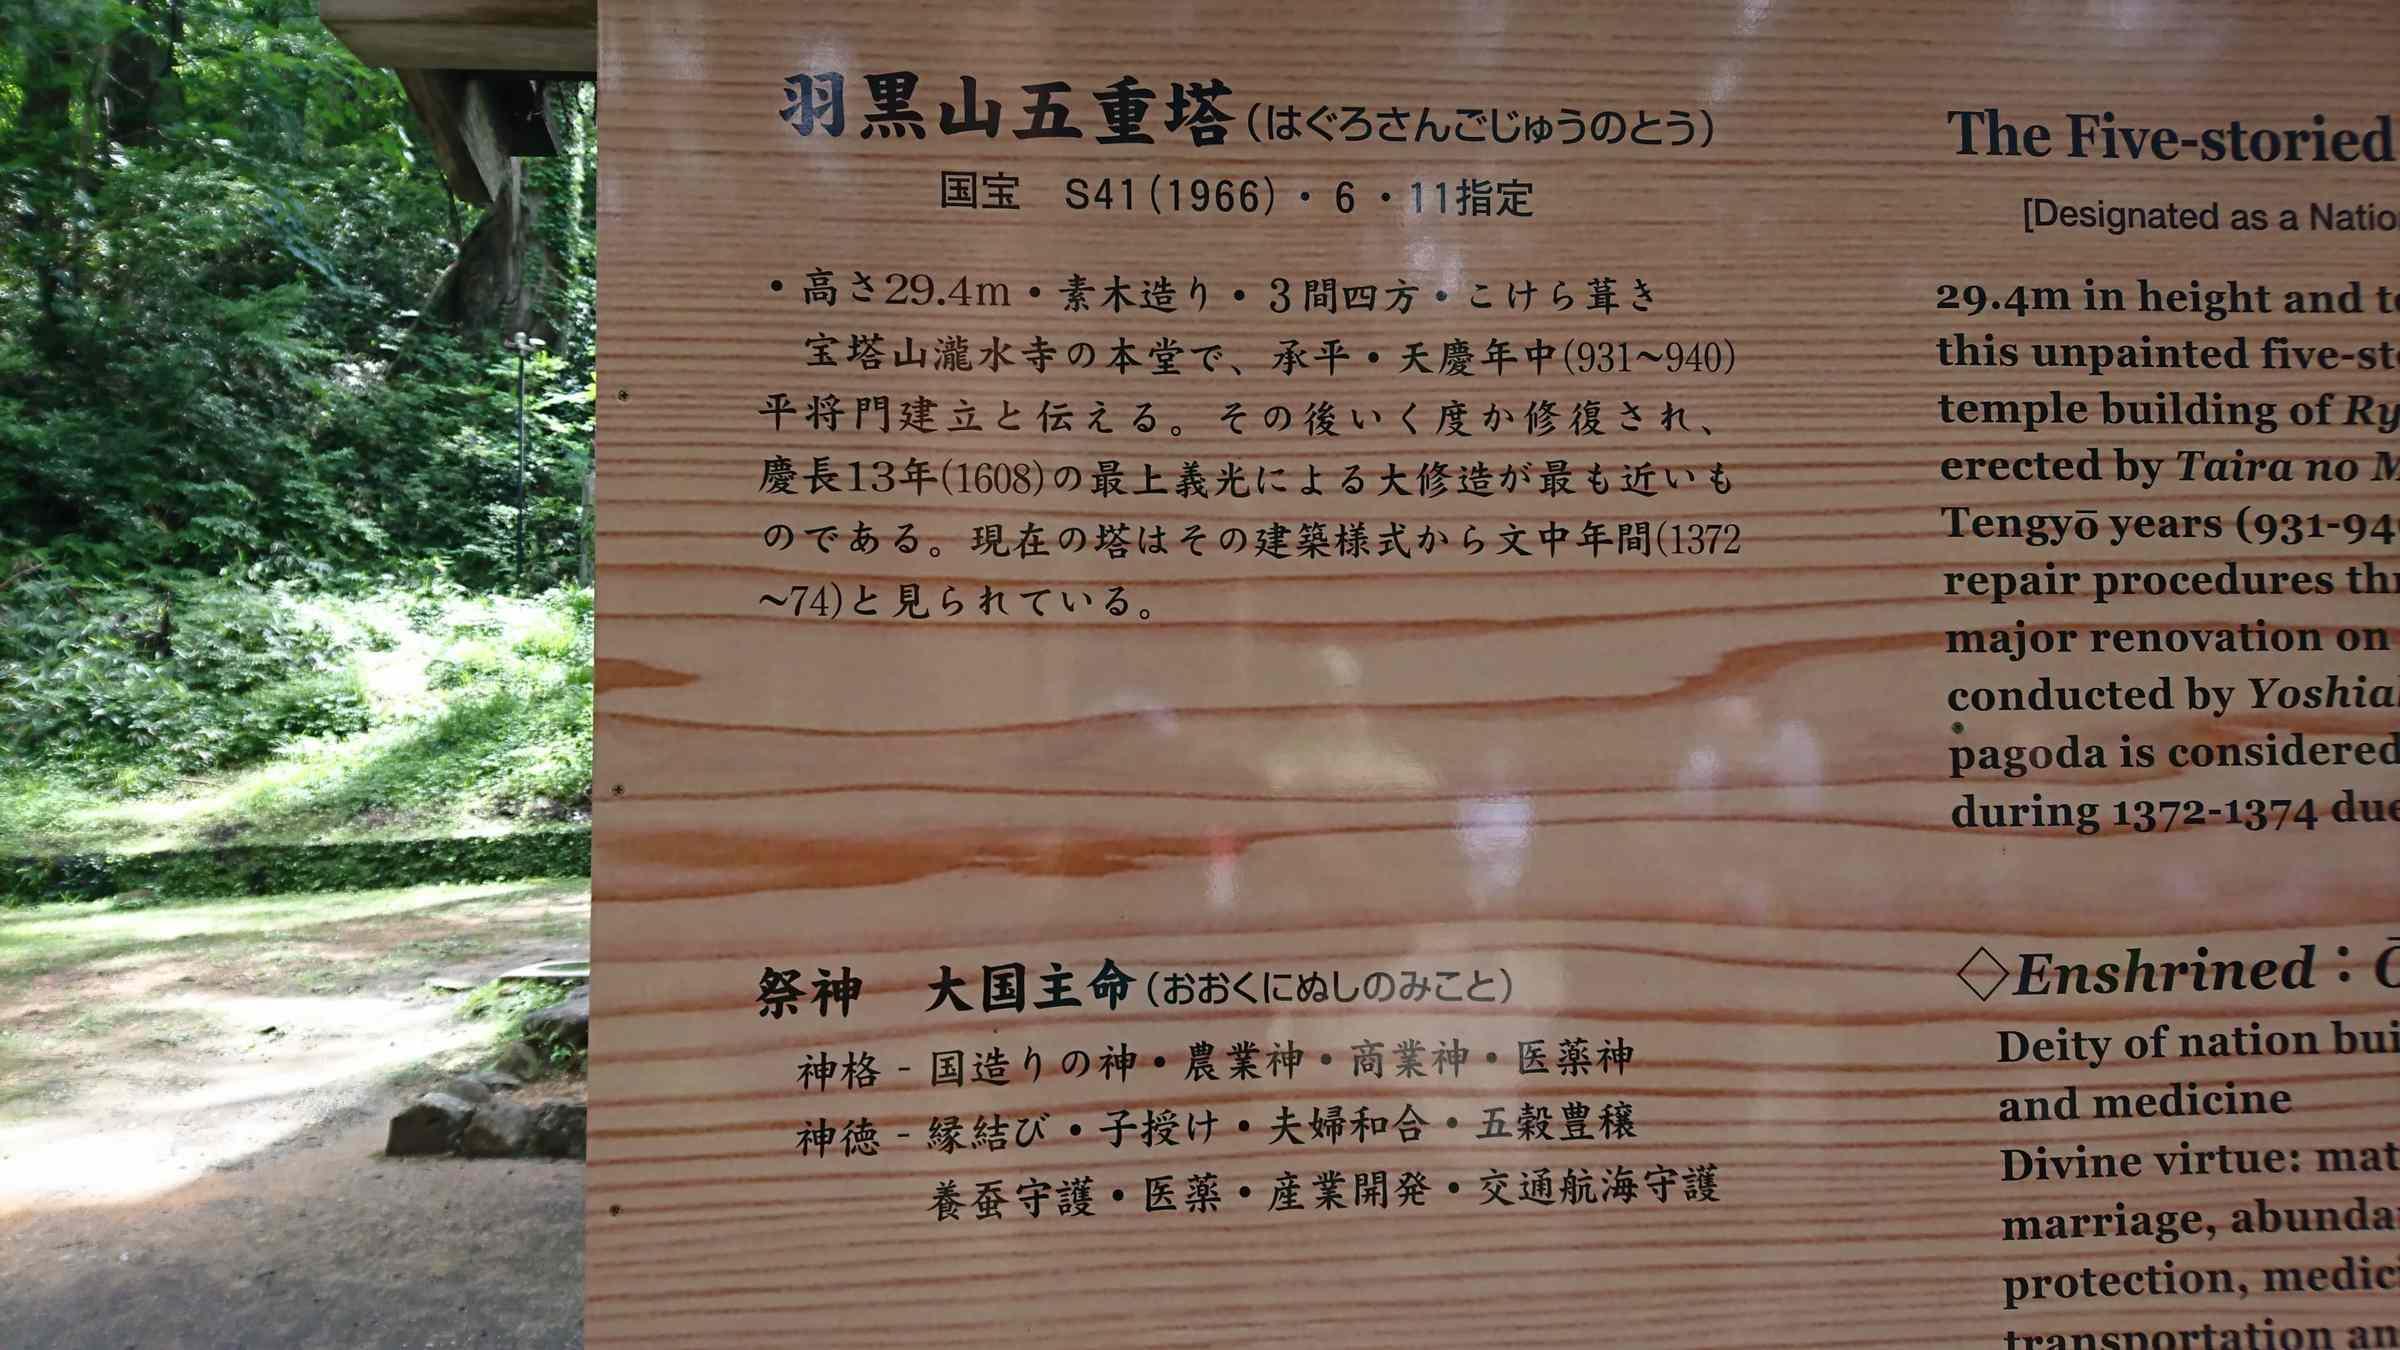 f:id:ynakayama27:20170611145138j:plain